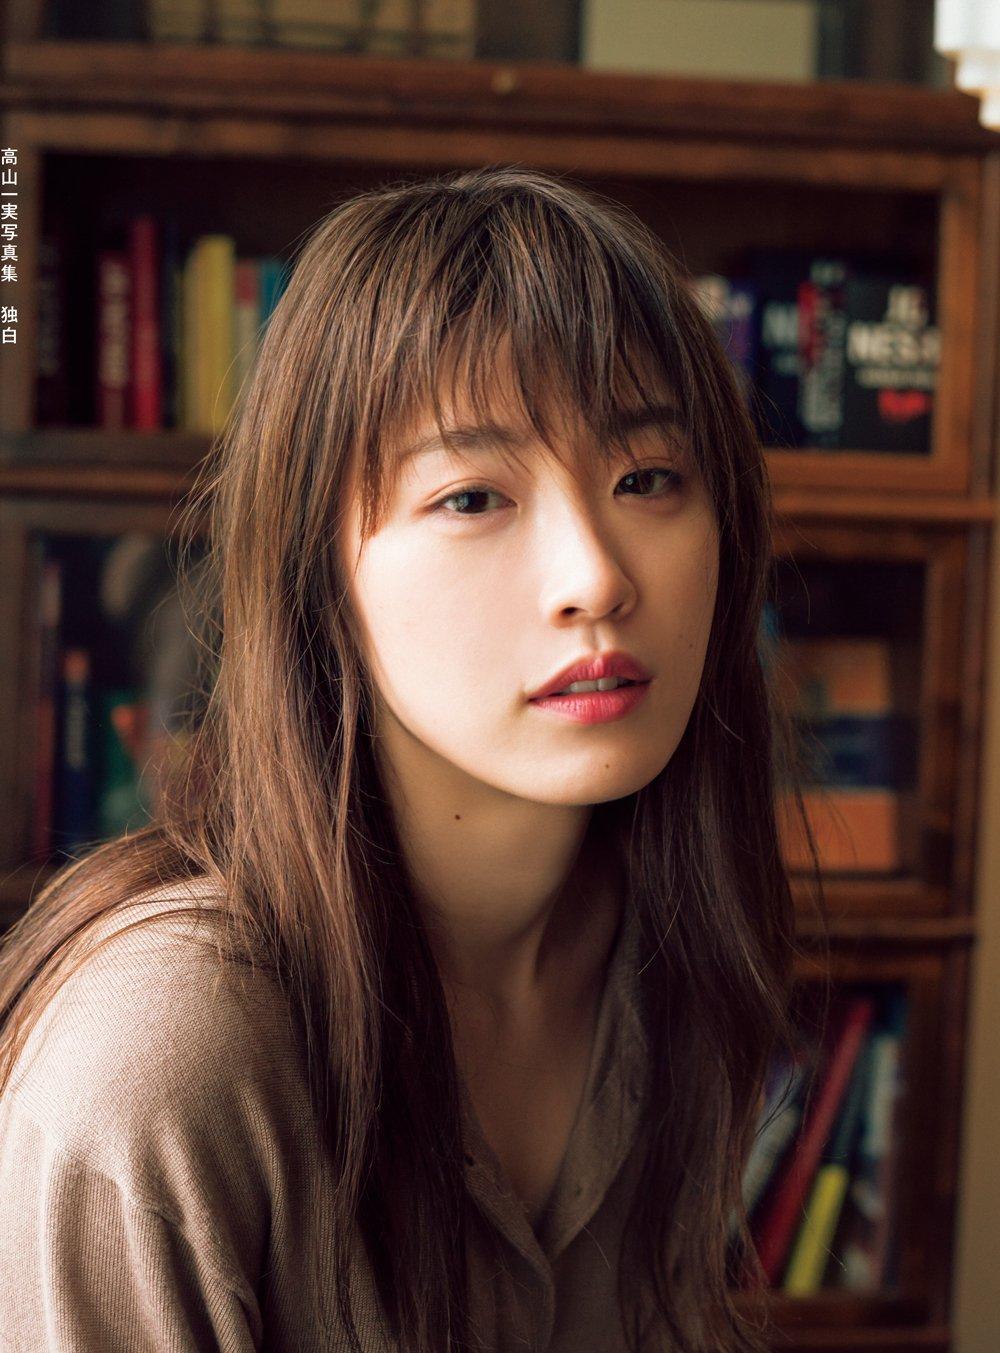 乃木坂46高山一実 2nd写真集『独白』通常版表紙